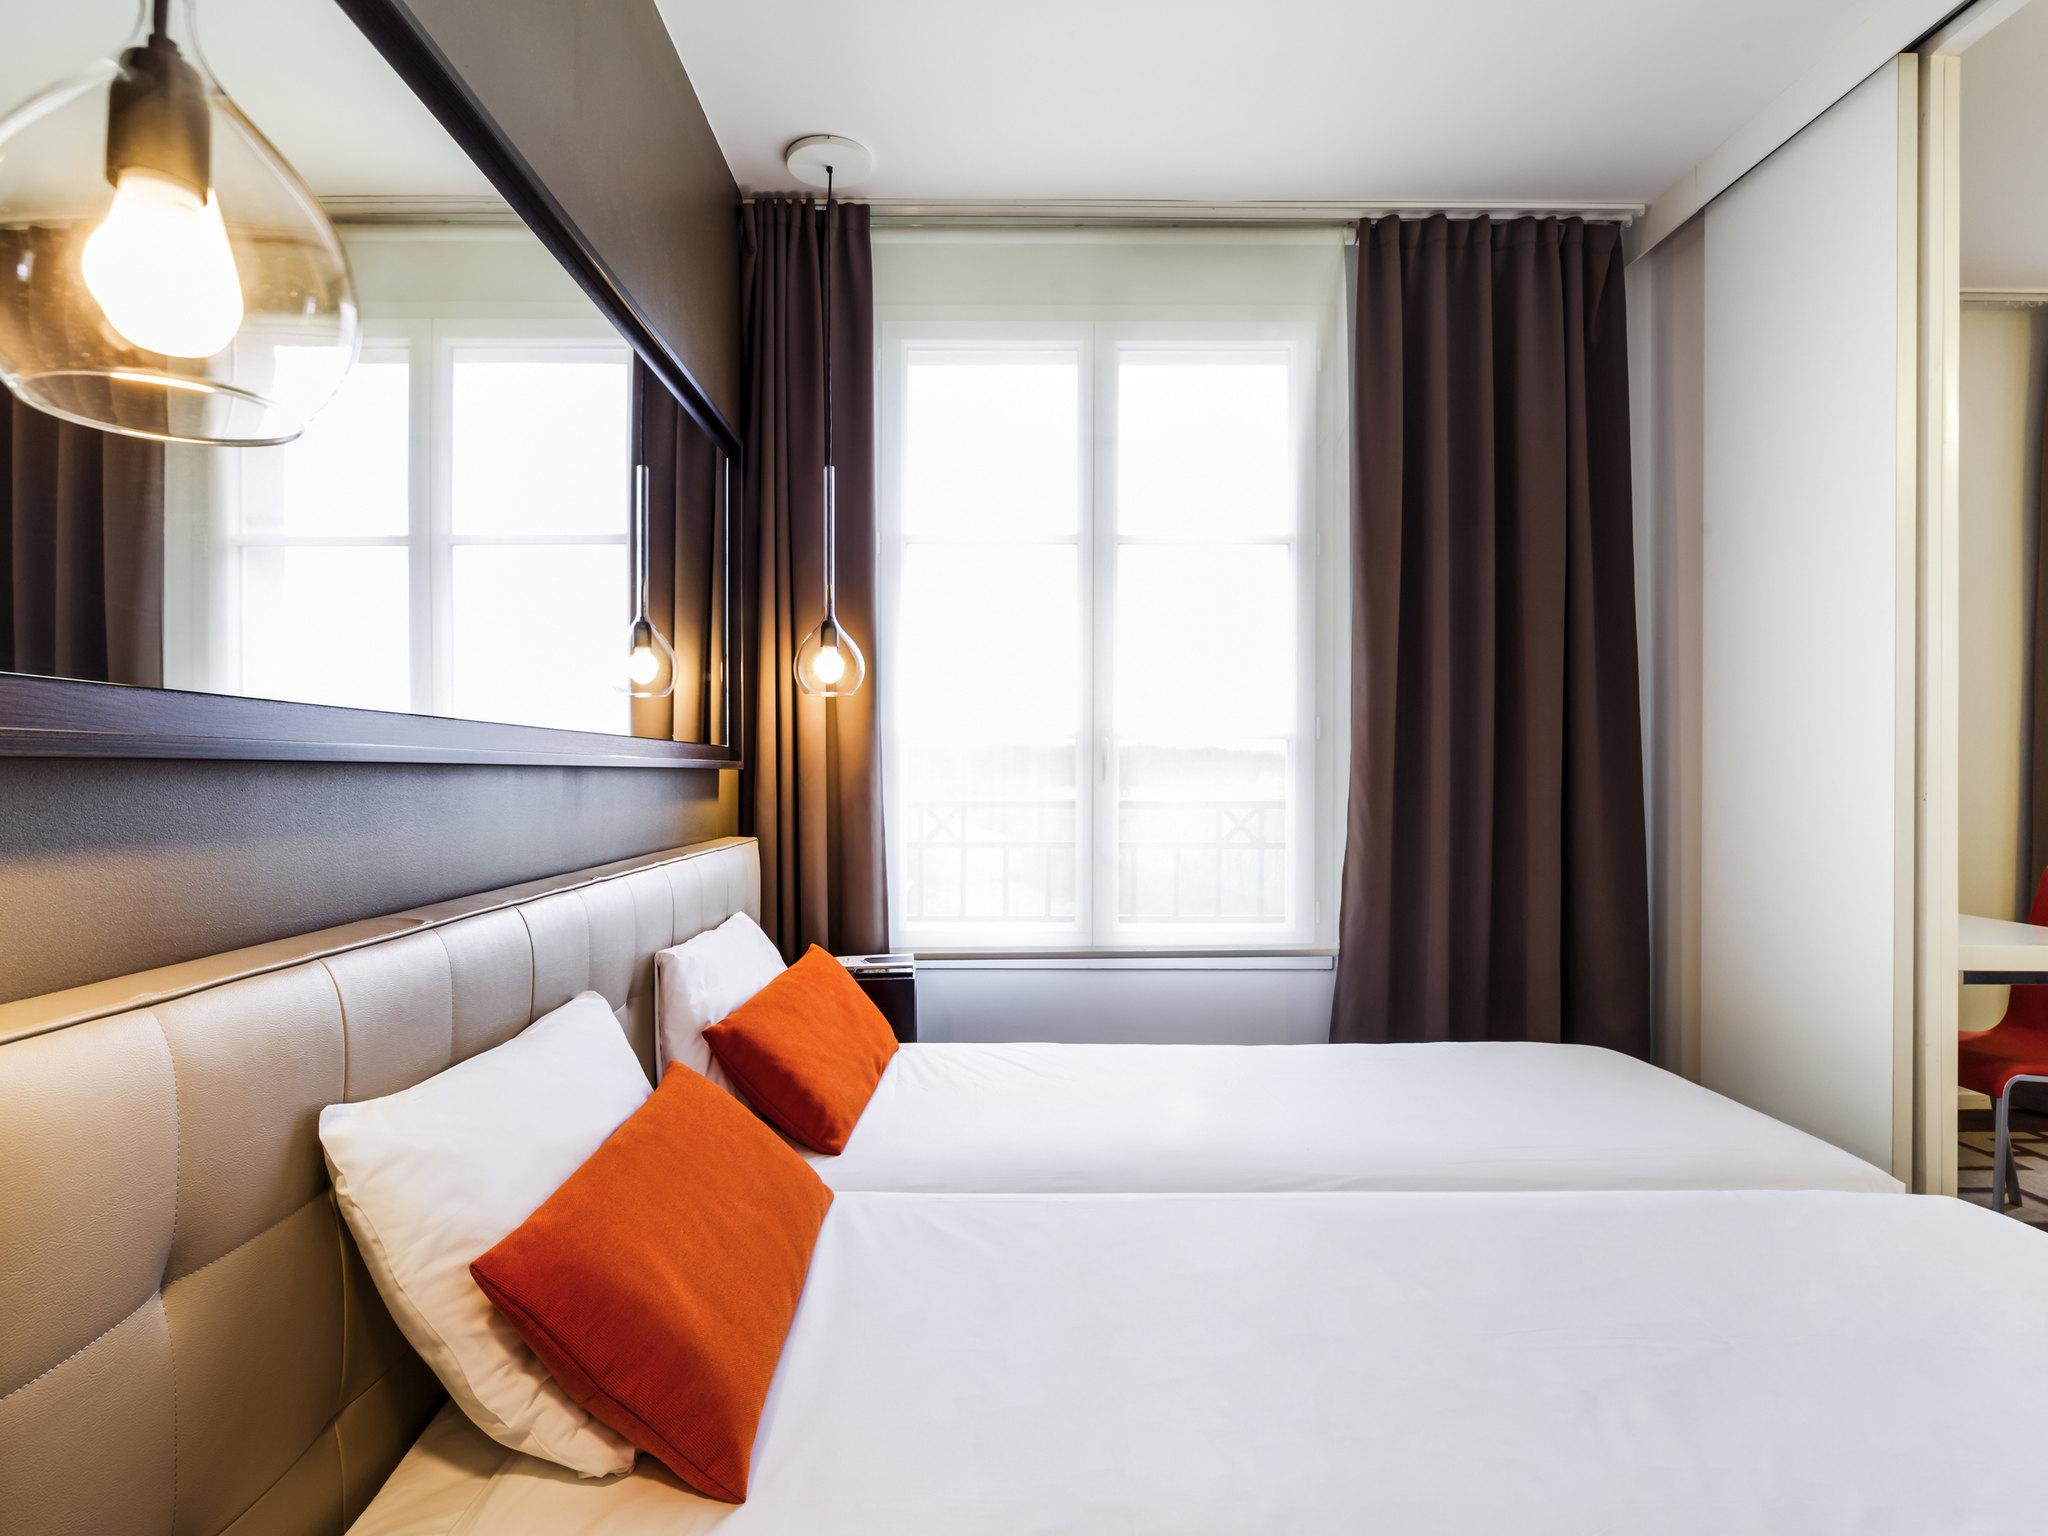 Отель — Hipark by Adagio Марсель (открытие в феврале 2018 г.)